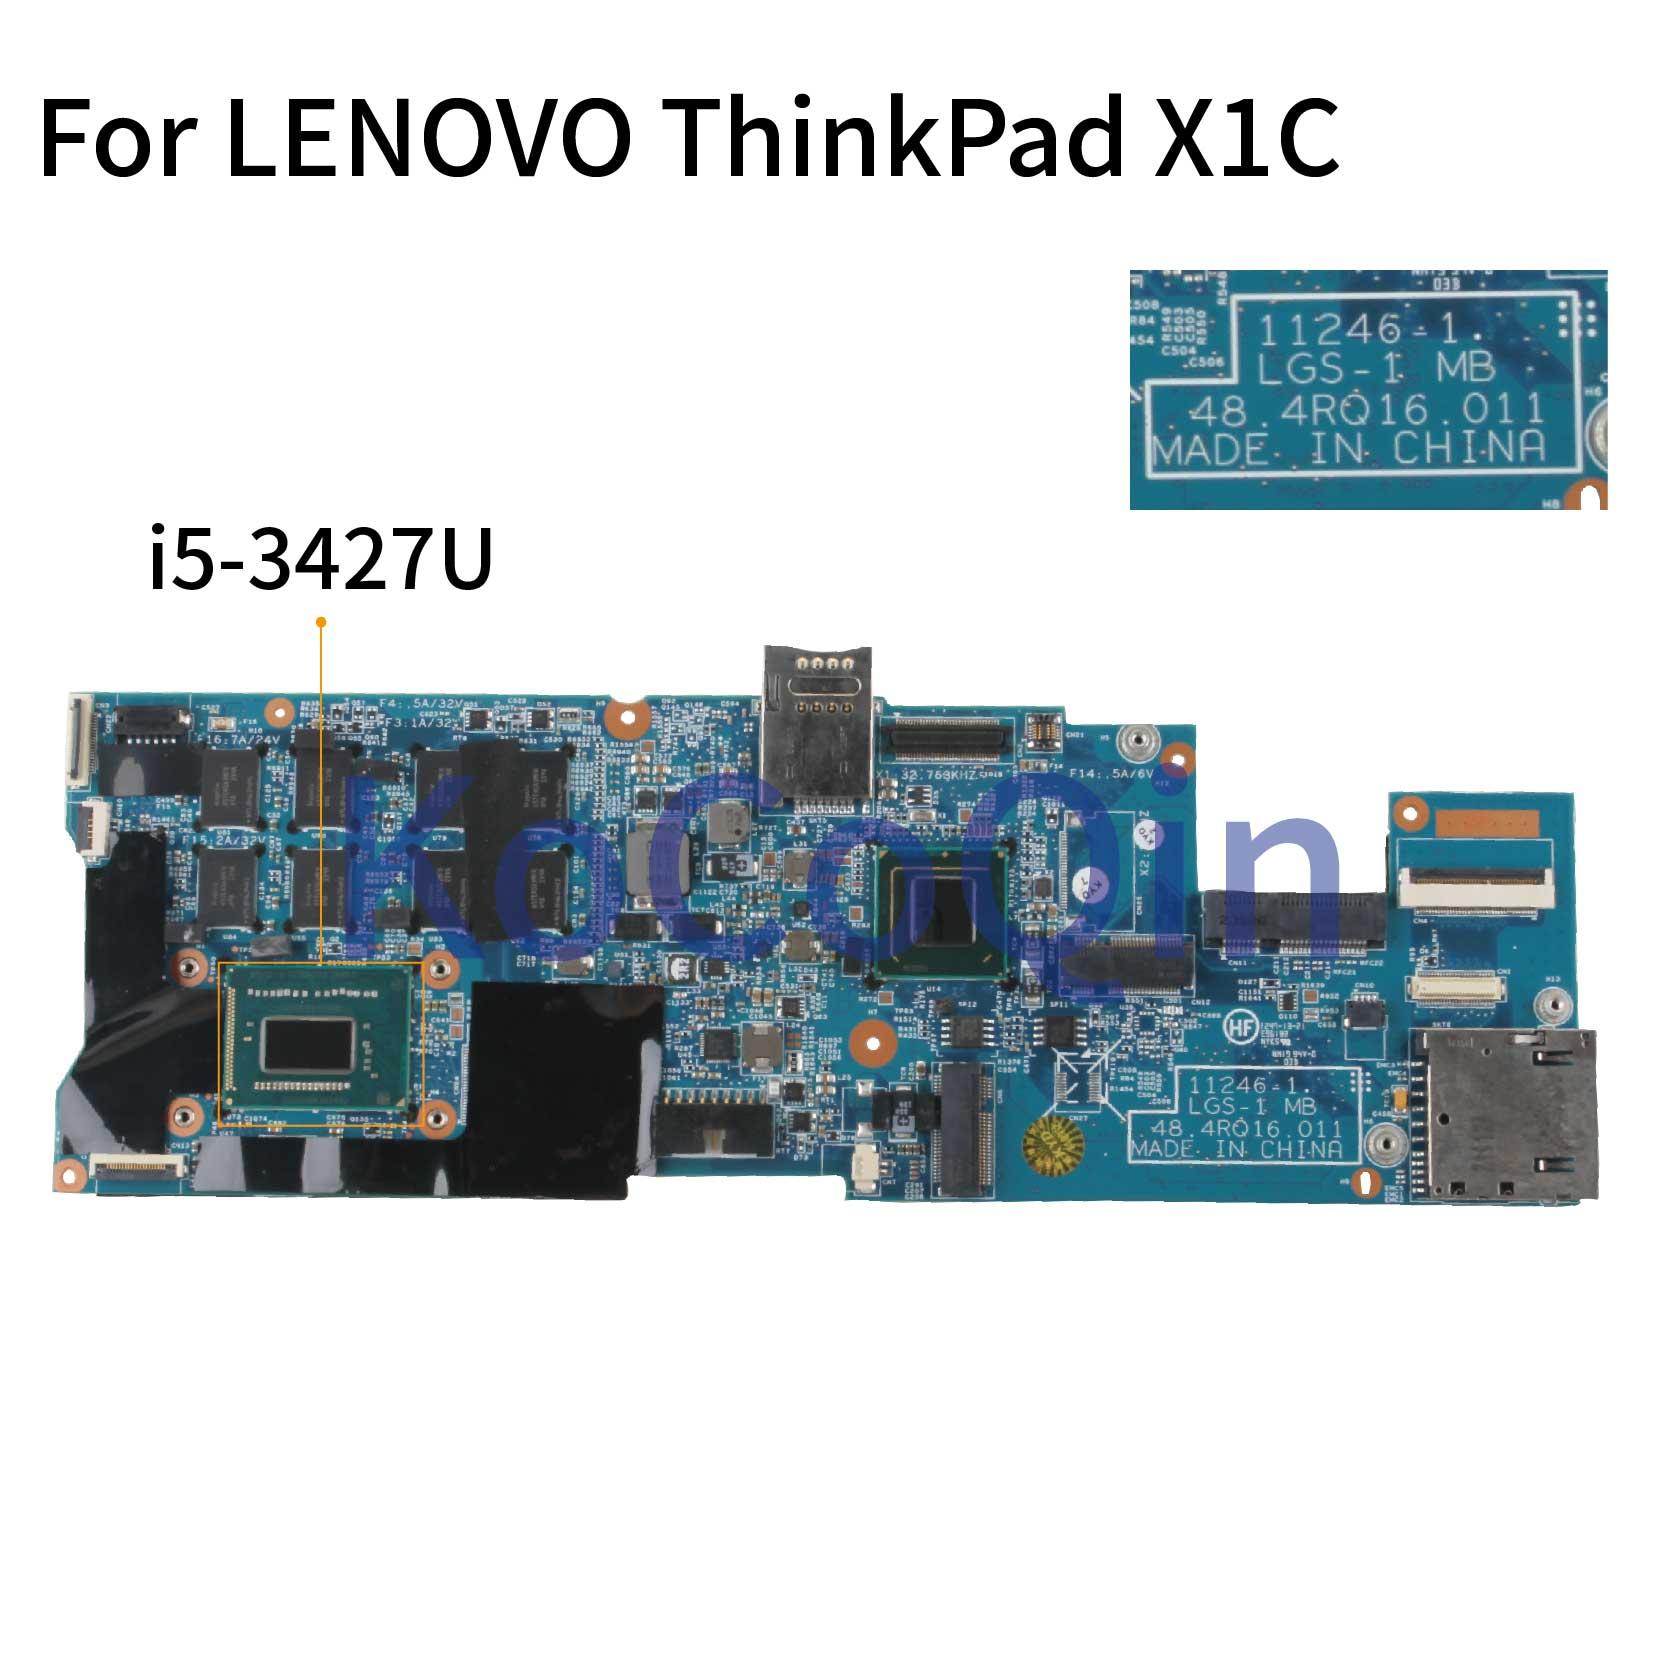 KoCoQin اللوحة لابتوب لينوفو ثينك باد X1 الكربون X1C I5-3427U 4G 11246-1 48.4RQ16.011 04W3893 04Y1972 SR0N7 اللوحة